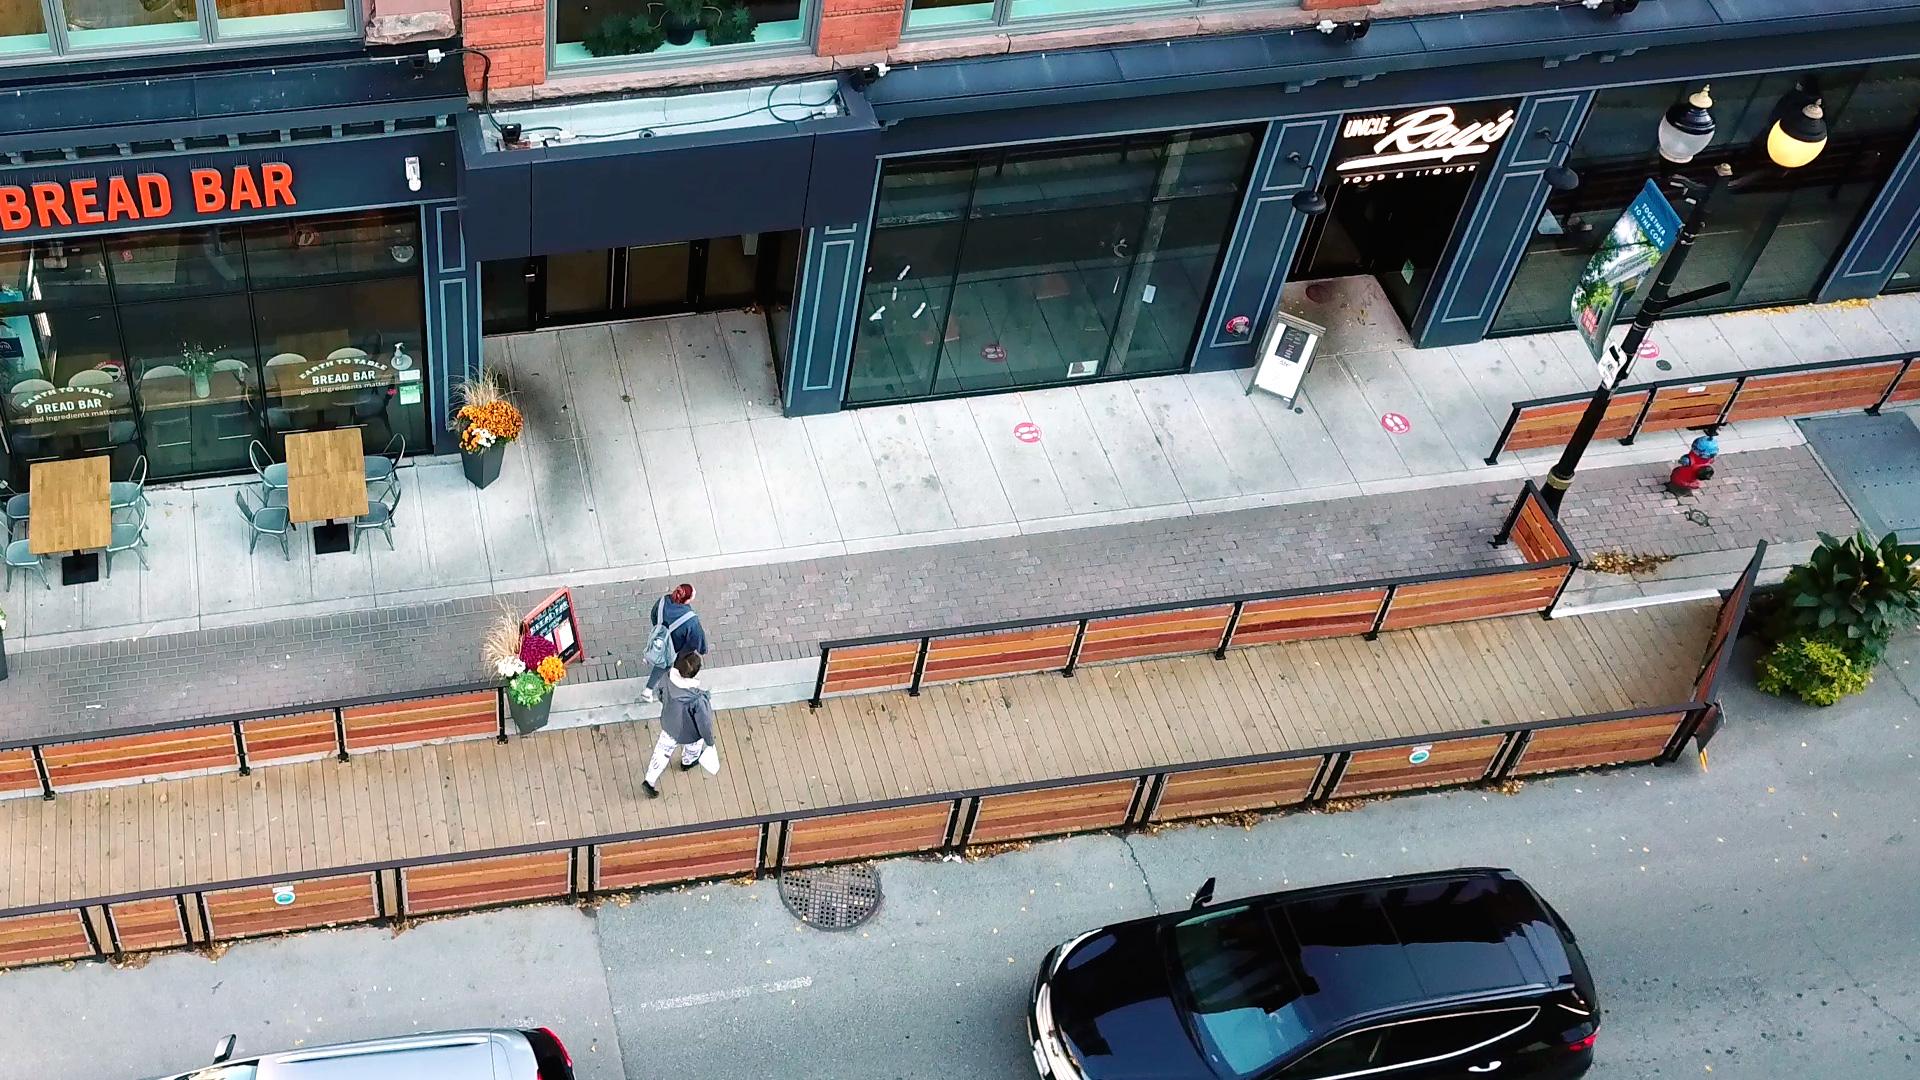 Bread Bar sidewalk bump-out